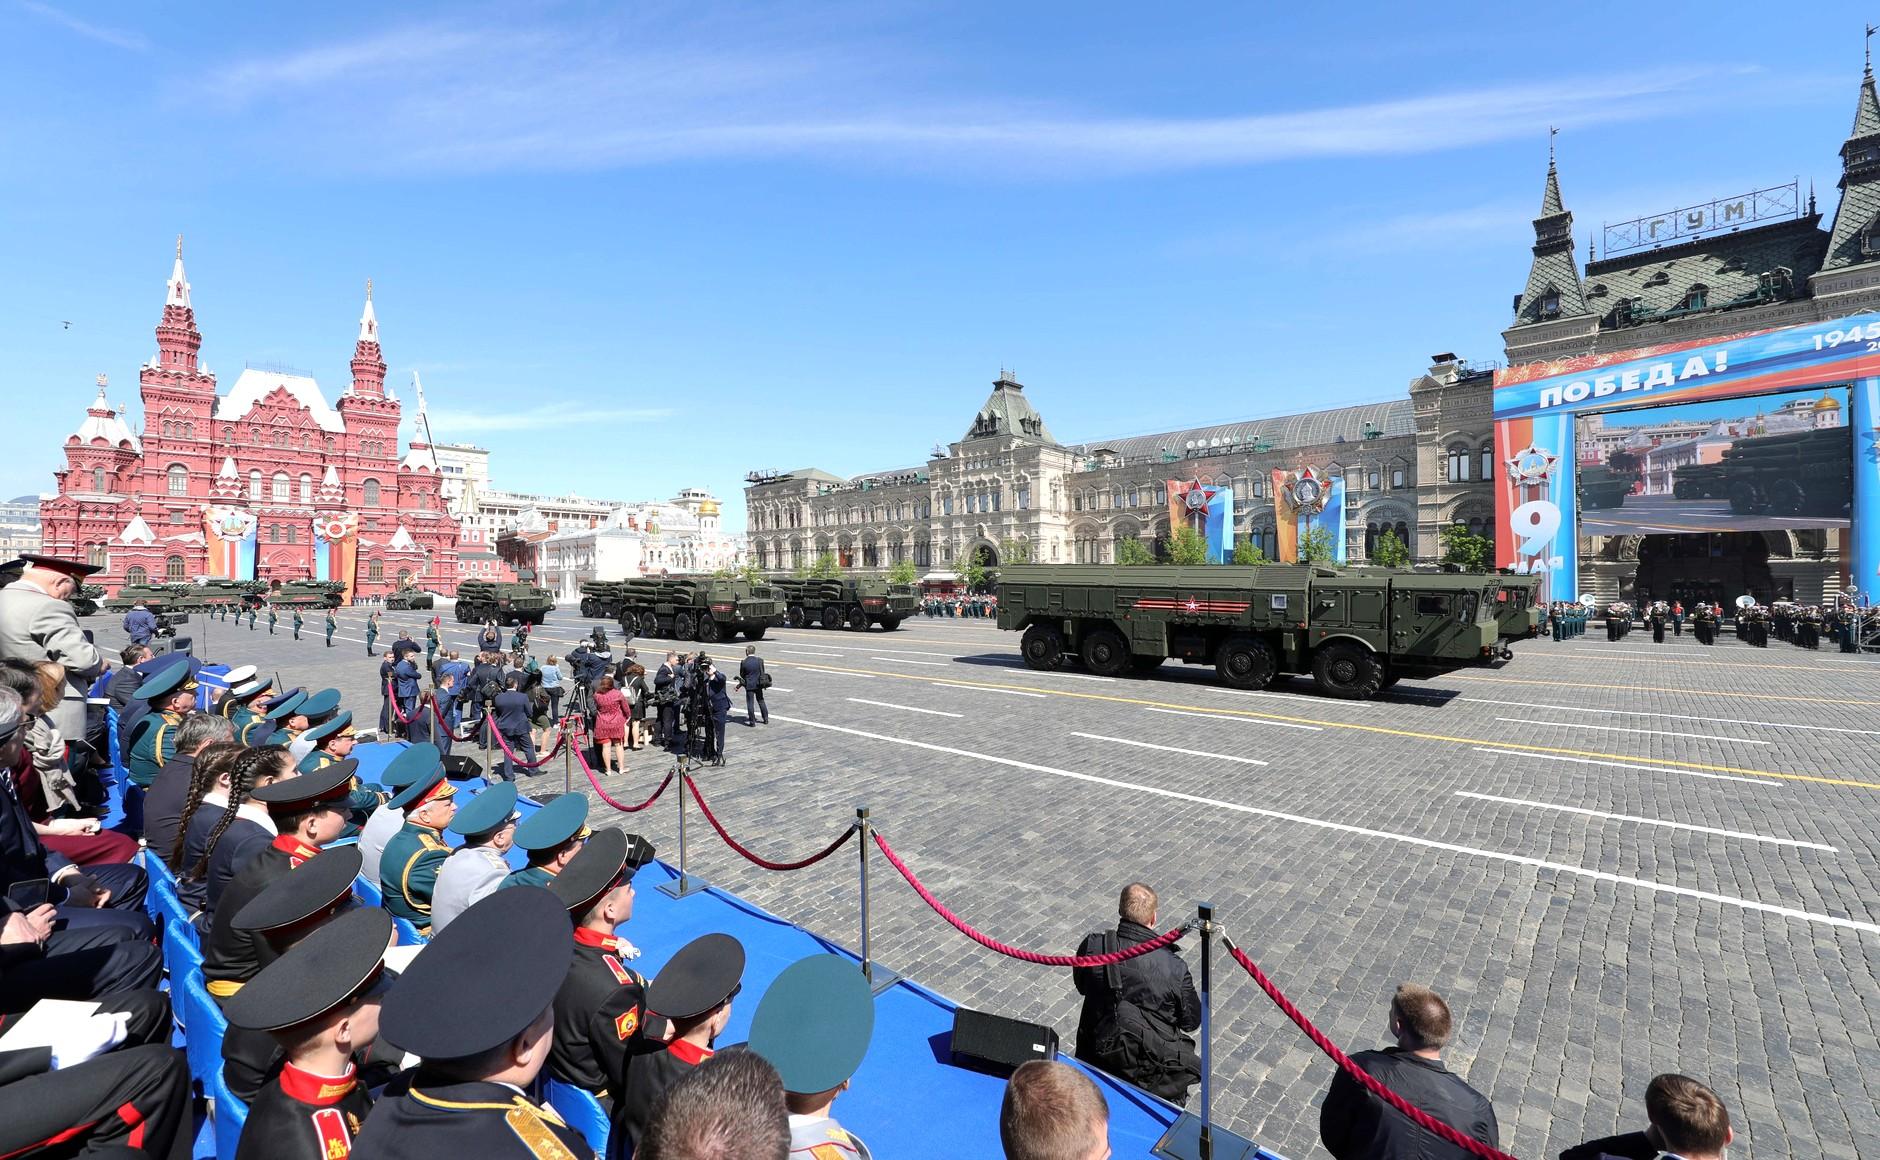 Как можно посмотреть парад 9 мая в москве без приглашения, год